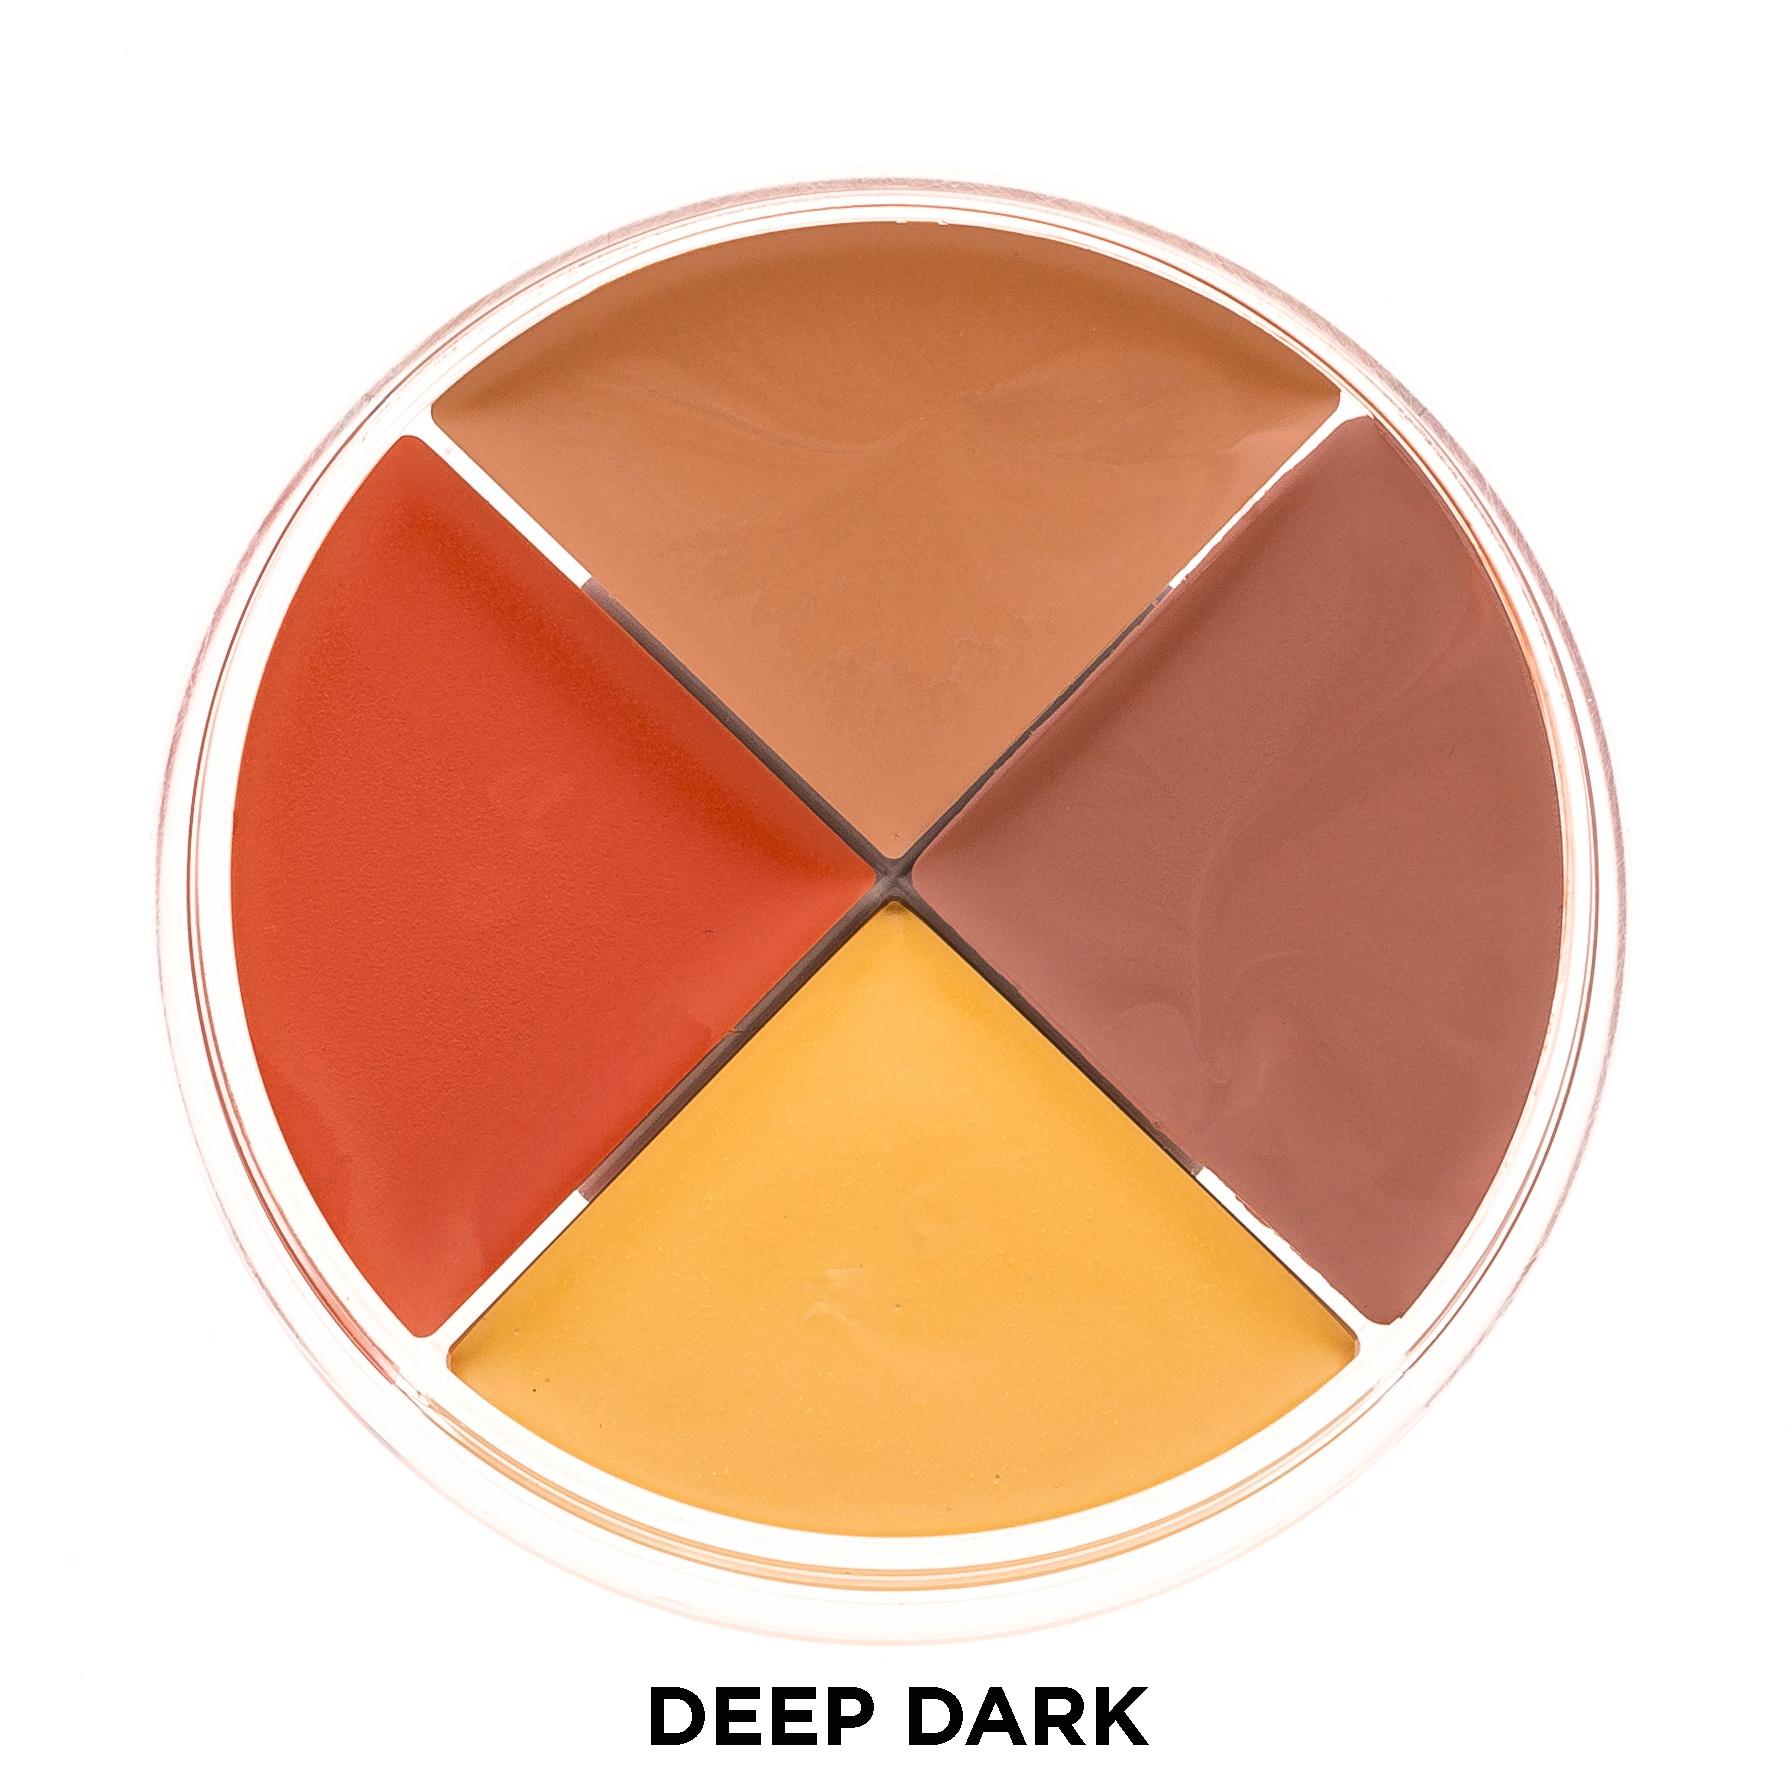 DEEP-DARK-4-TOP copy.jpg